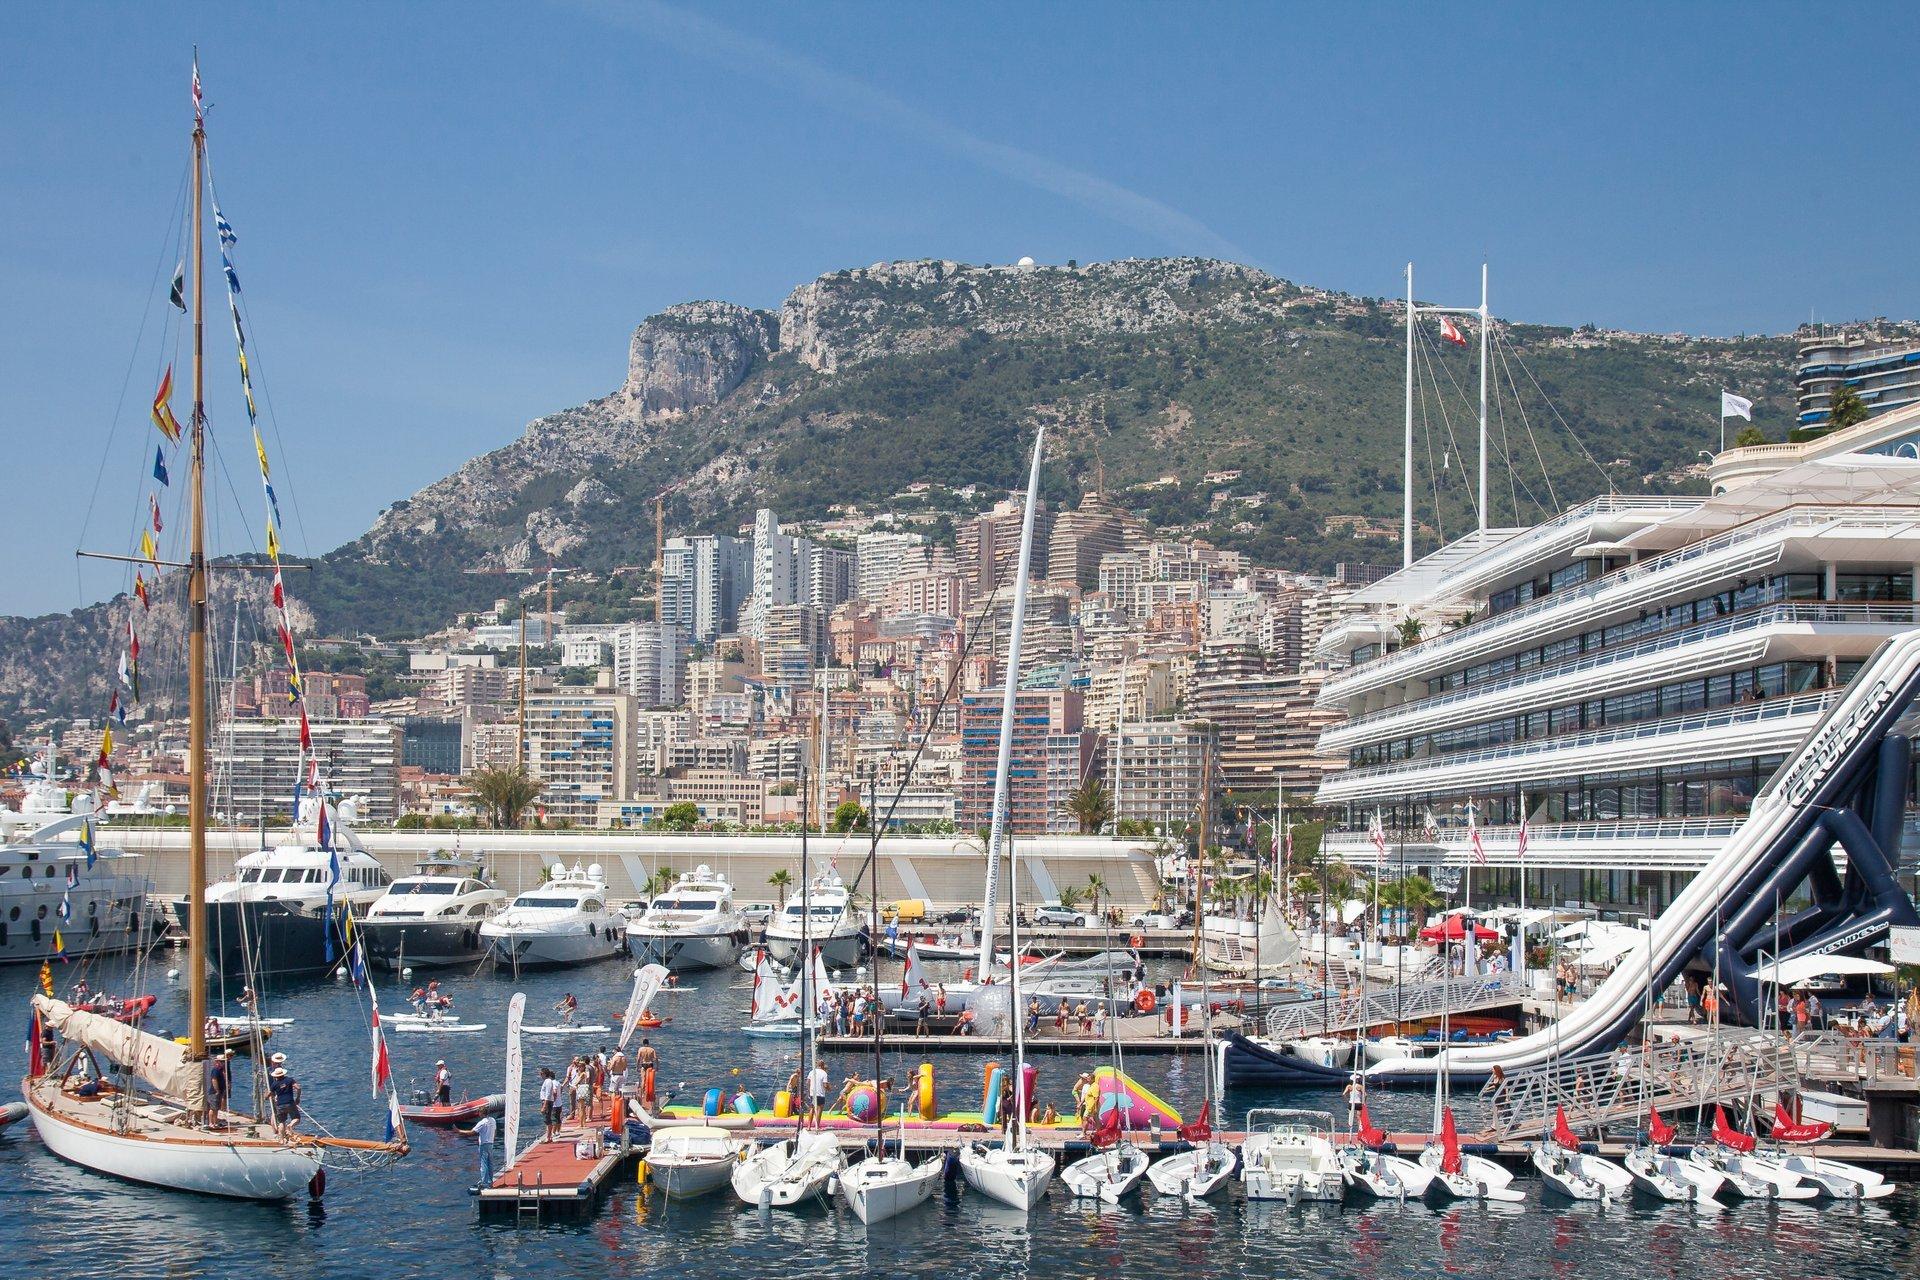 Fête de la Mer (Festival of the Sea) in Monaco - Best Time